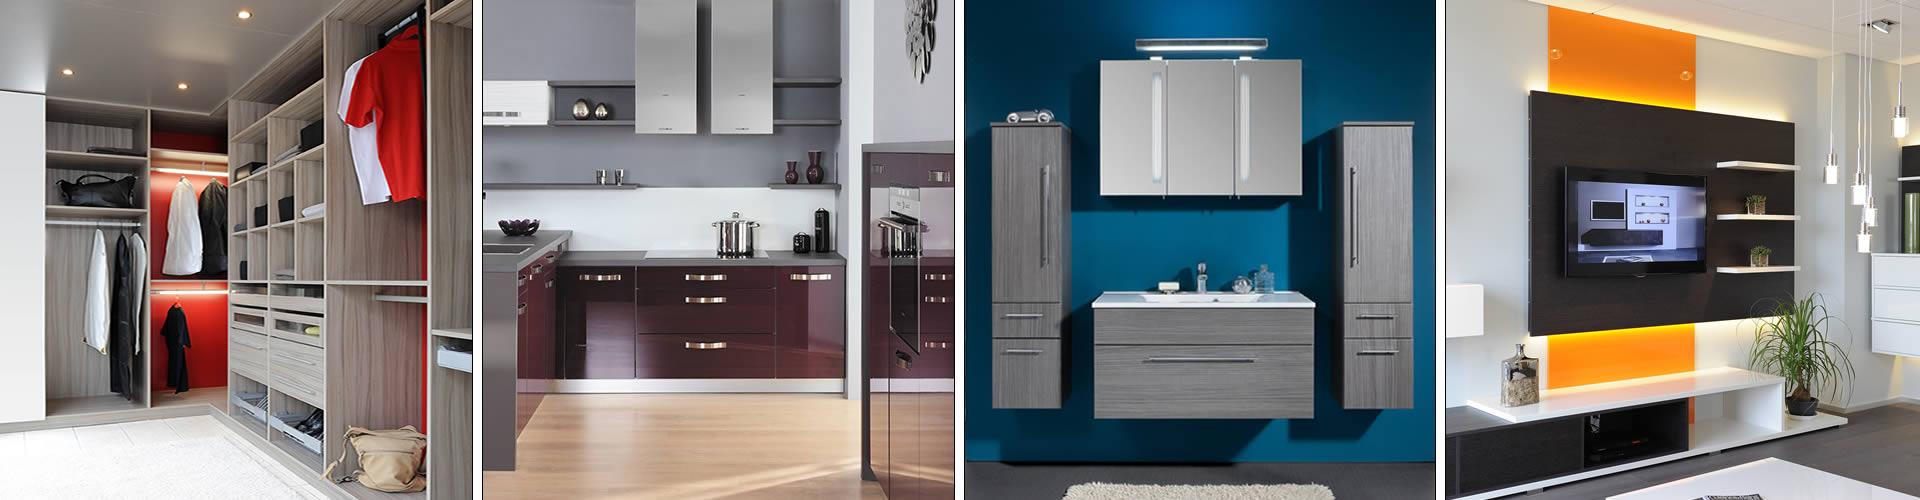 cuisine meuble de salle de bains et dressing niort cuisiniste. Black Bedroom Furniture Sets. Home Design Ideas